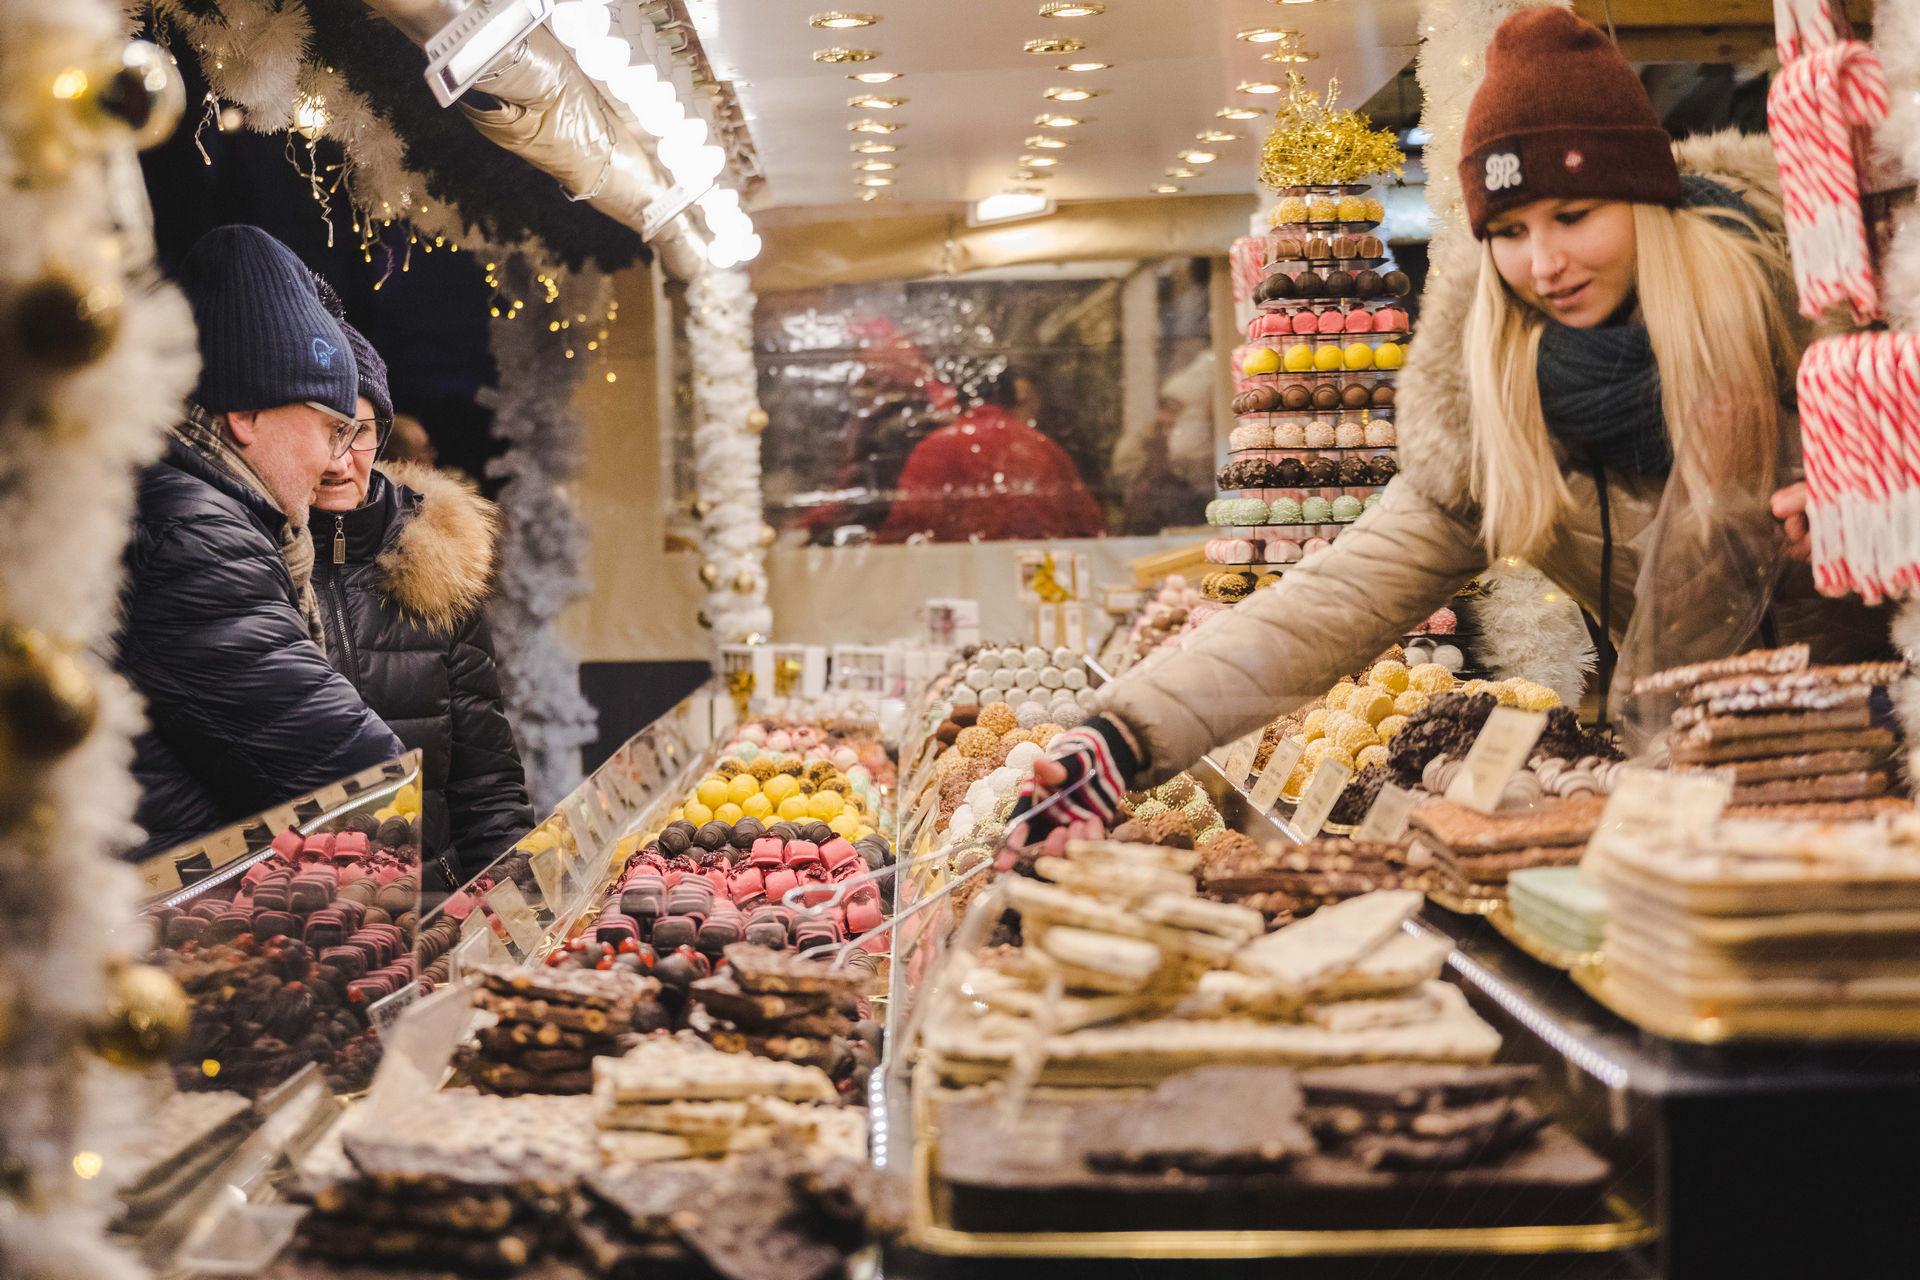 A karácsonyi szezon legnagyobb street food kínálata és január elsején lencse nap várja a látogatókat